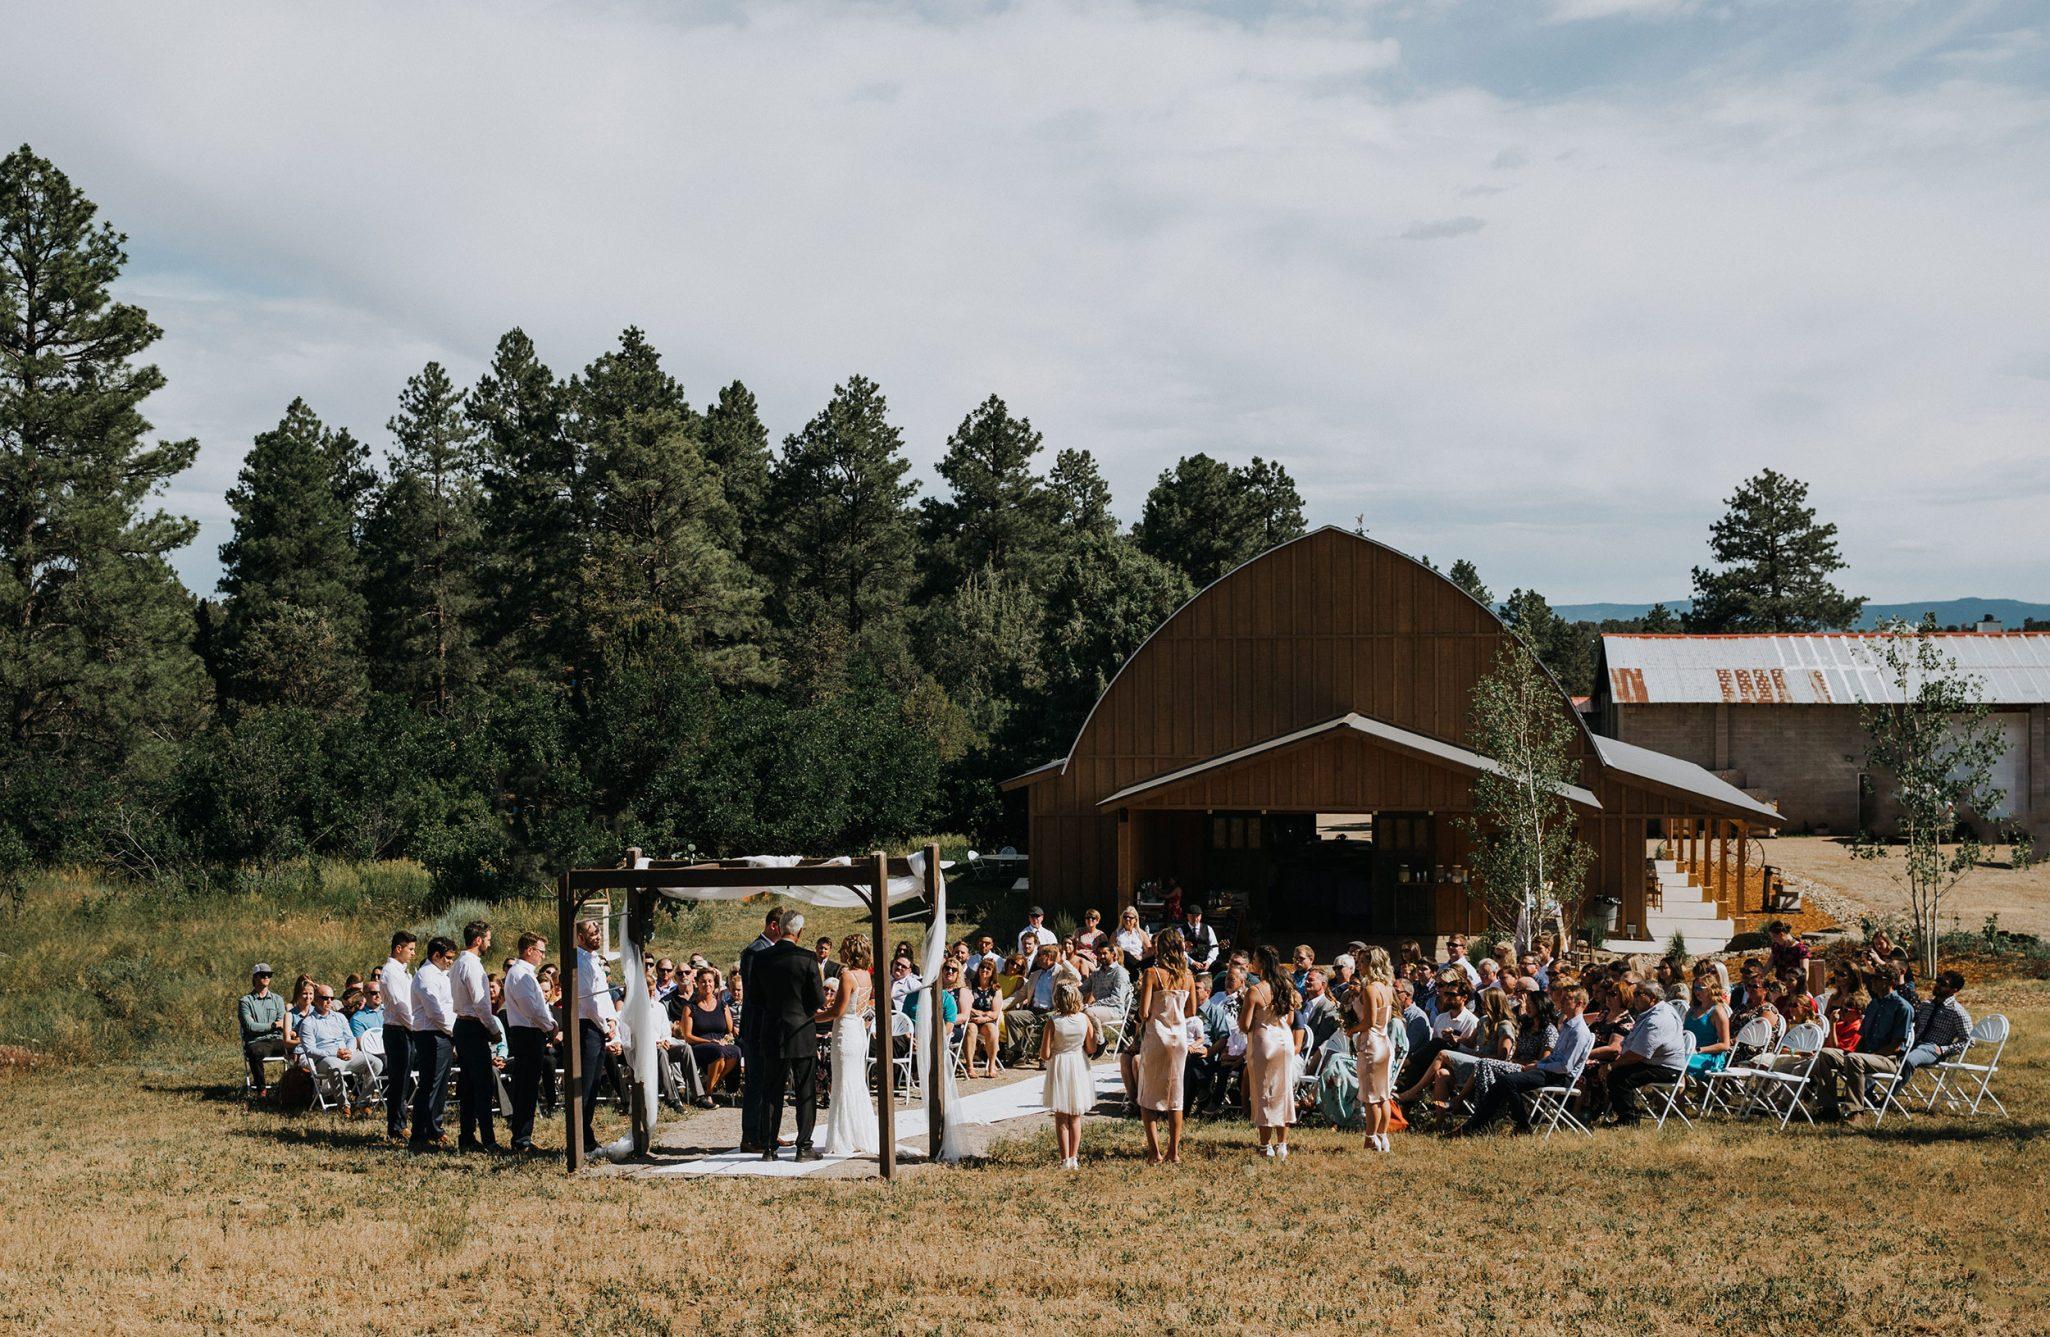 Ceremony at Reising Stage wedding venue in Durango, Colorado